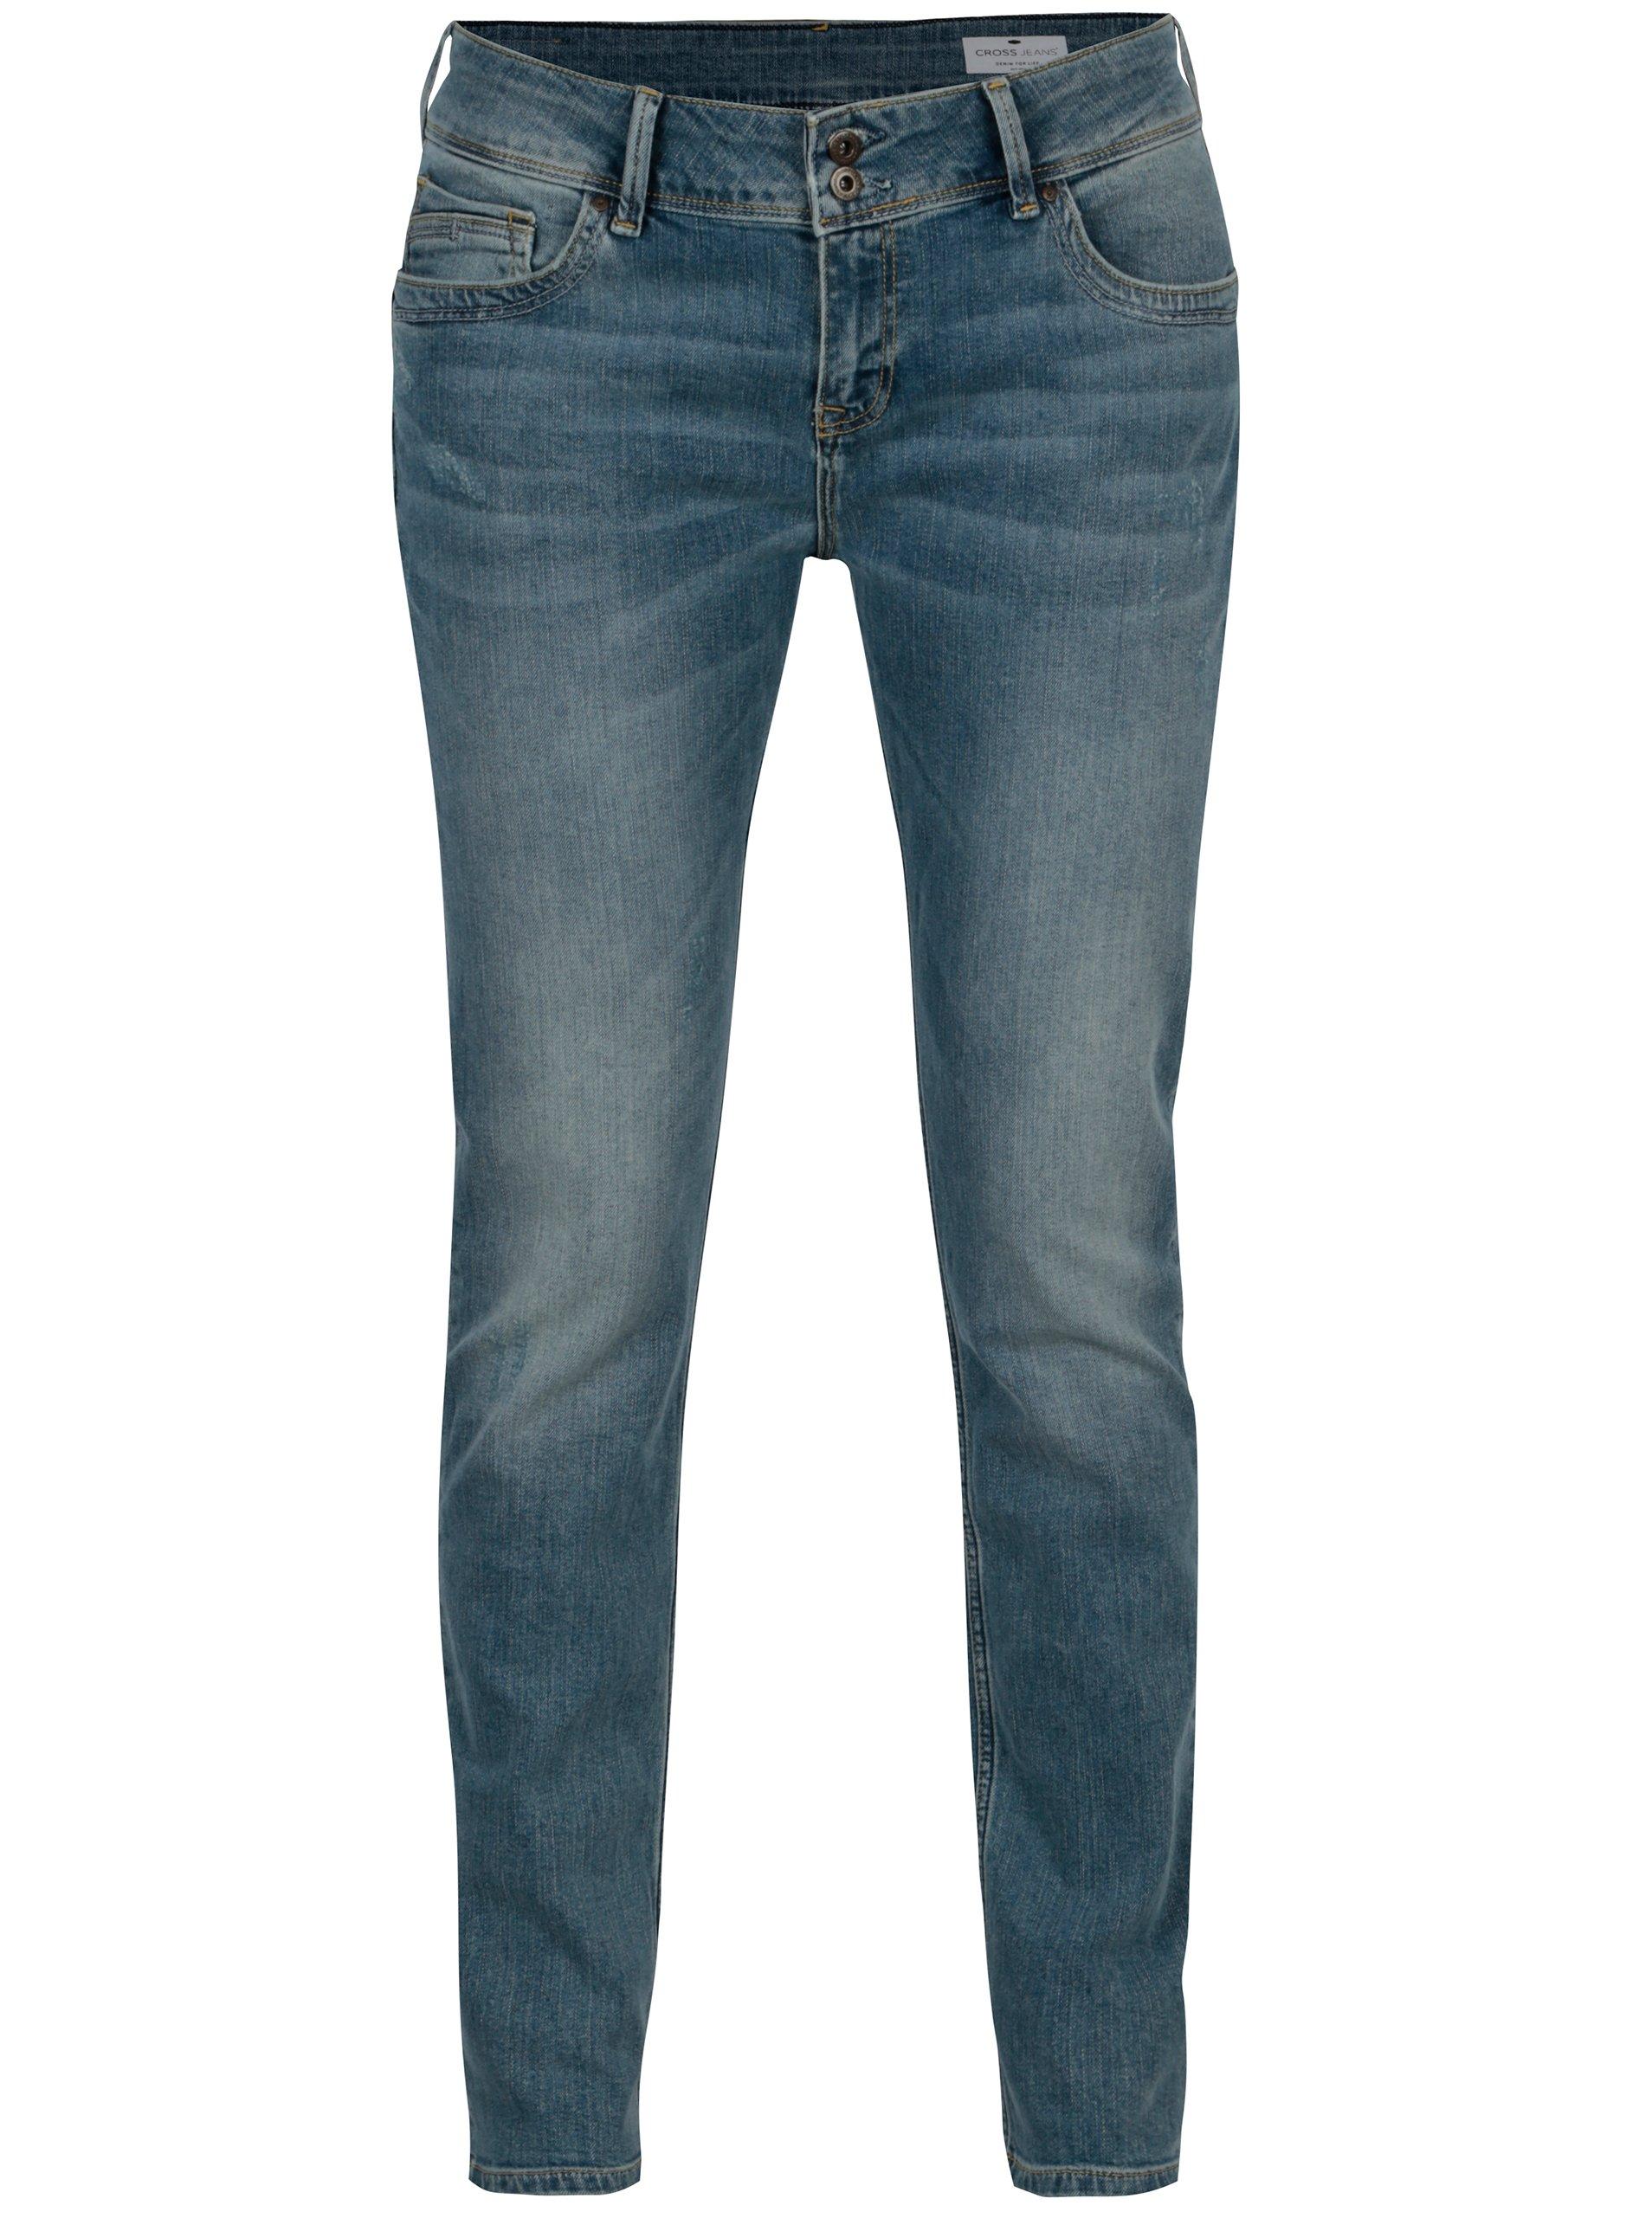 2616b0fb6d8 Damske dziny salsa jeans modre levně